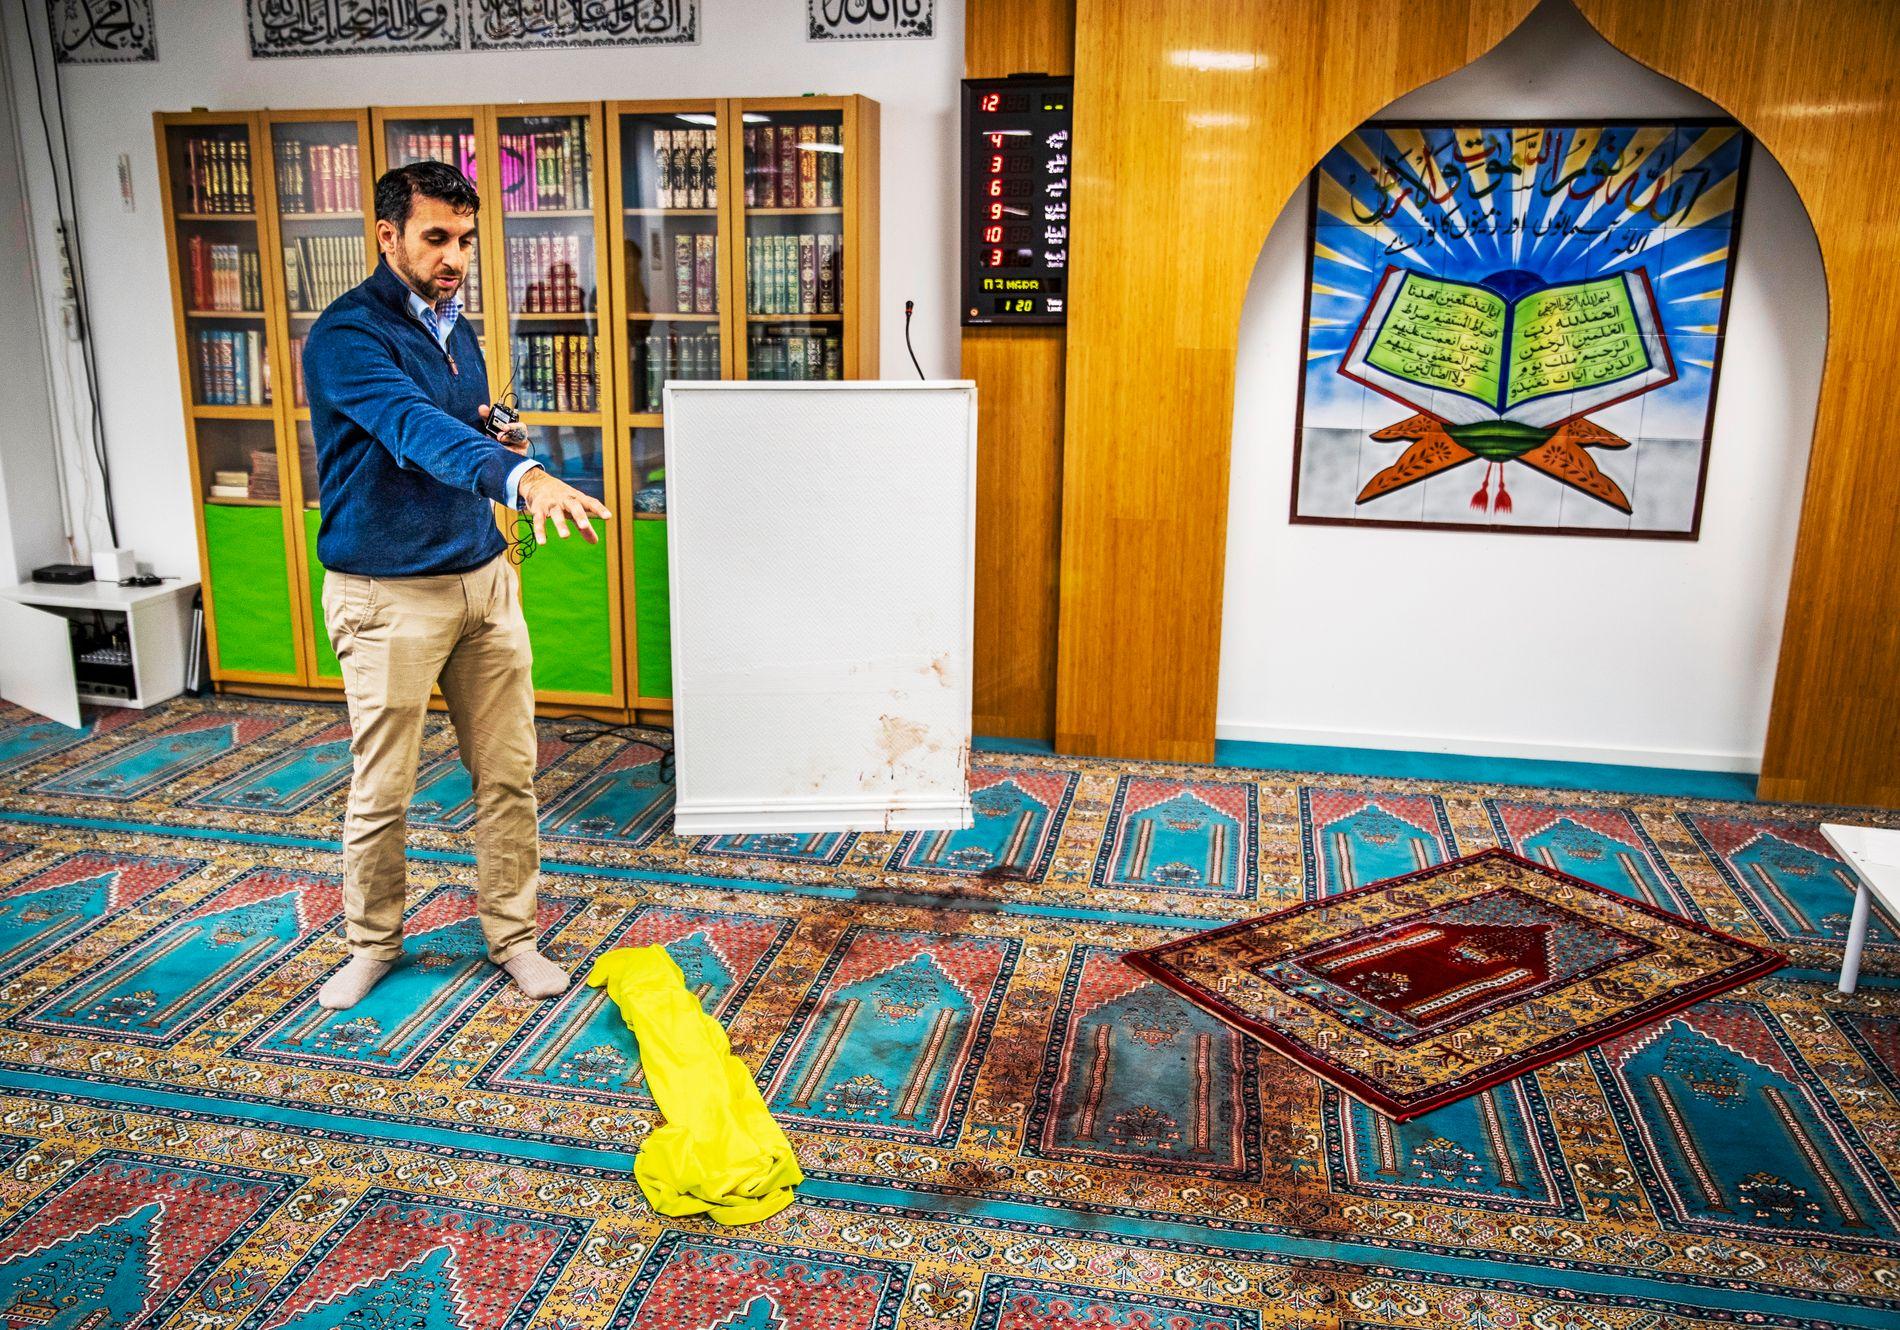 ÅSTEDET: Angrepet mot Al-Noor-moskeen i Bærum sist lørdag har satt tydelig spor i bønnerommet. Styremedlem Irfan Mushtaq har i dag åpnet dørene for pressen og peker mot stedet hvor terrorsiktede Philip Manshaus (21) sloss med et medlem i moskeen.